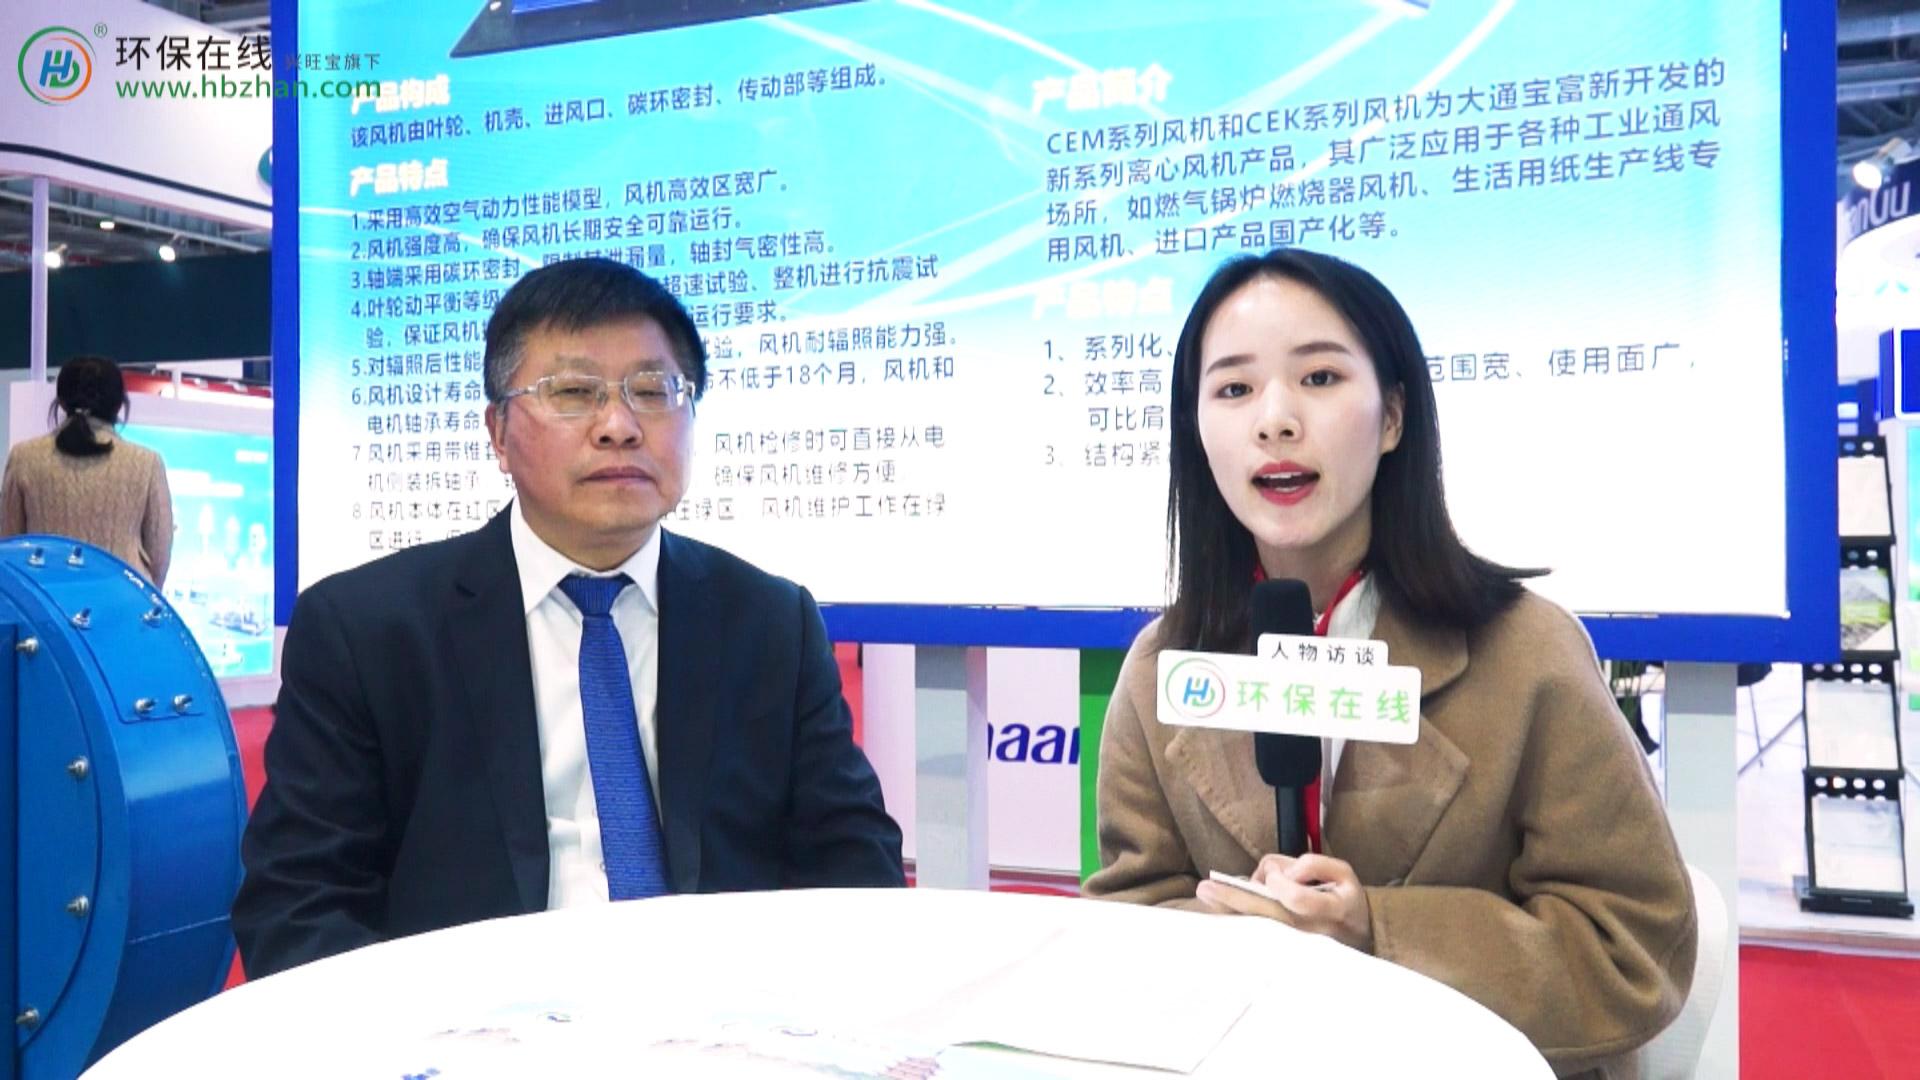 專訪︰南通大通寶富風機有限公司市場總監劉廣余